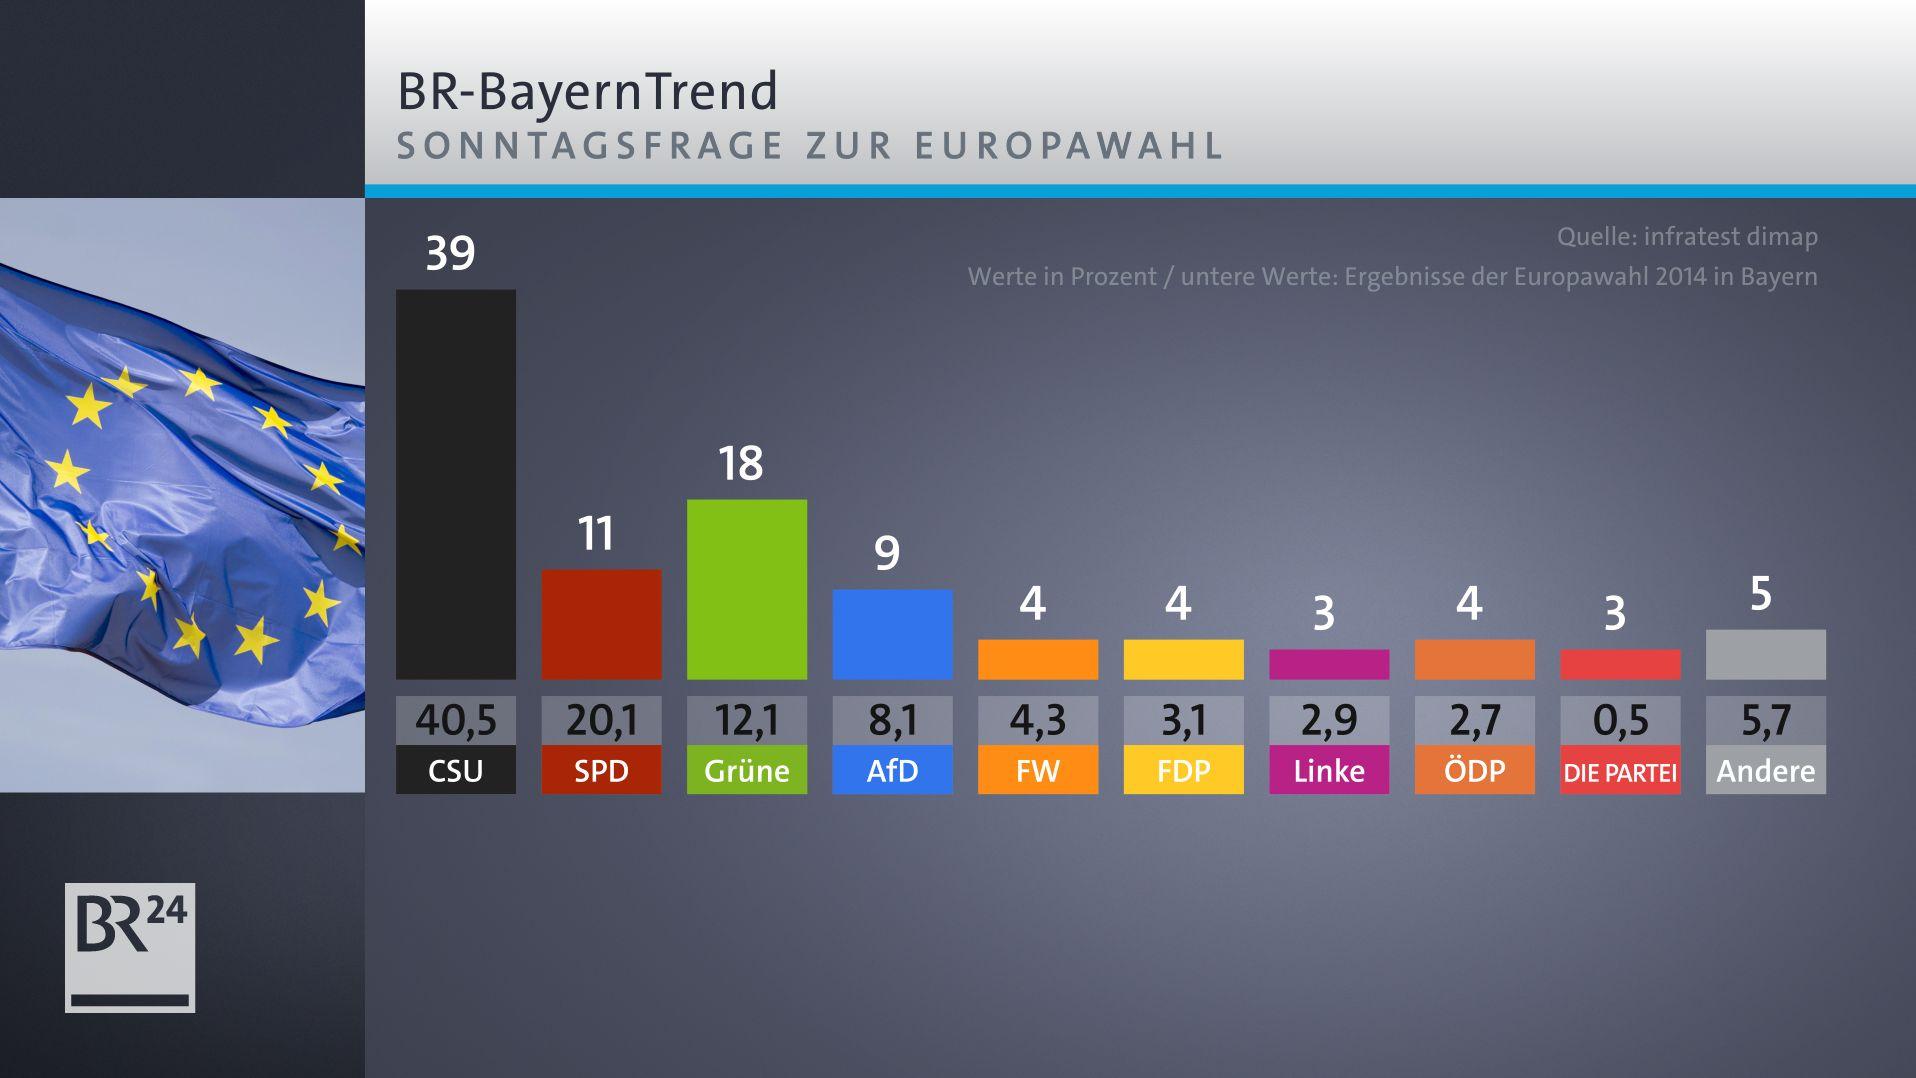 BR-BayernTrend: CSU unter 40 Prozent - Kleinparteien im Aufwind